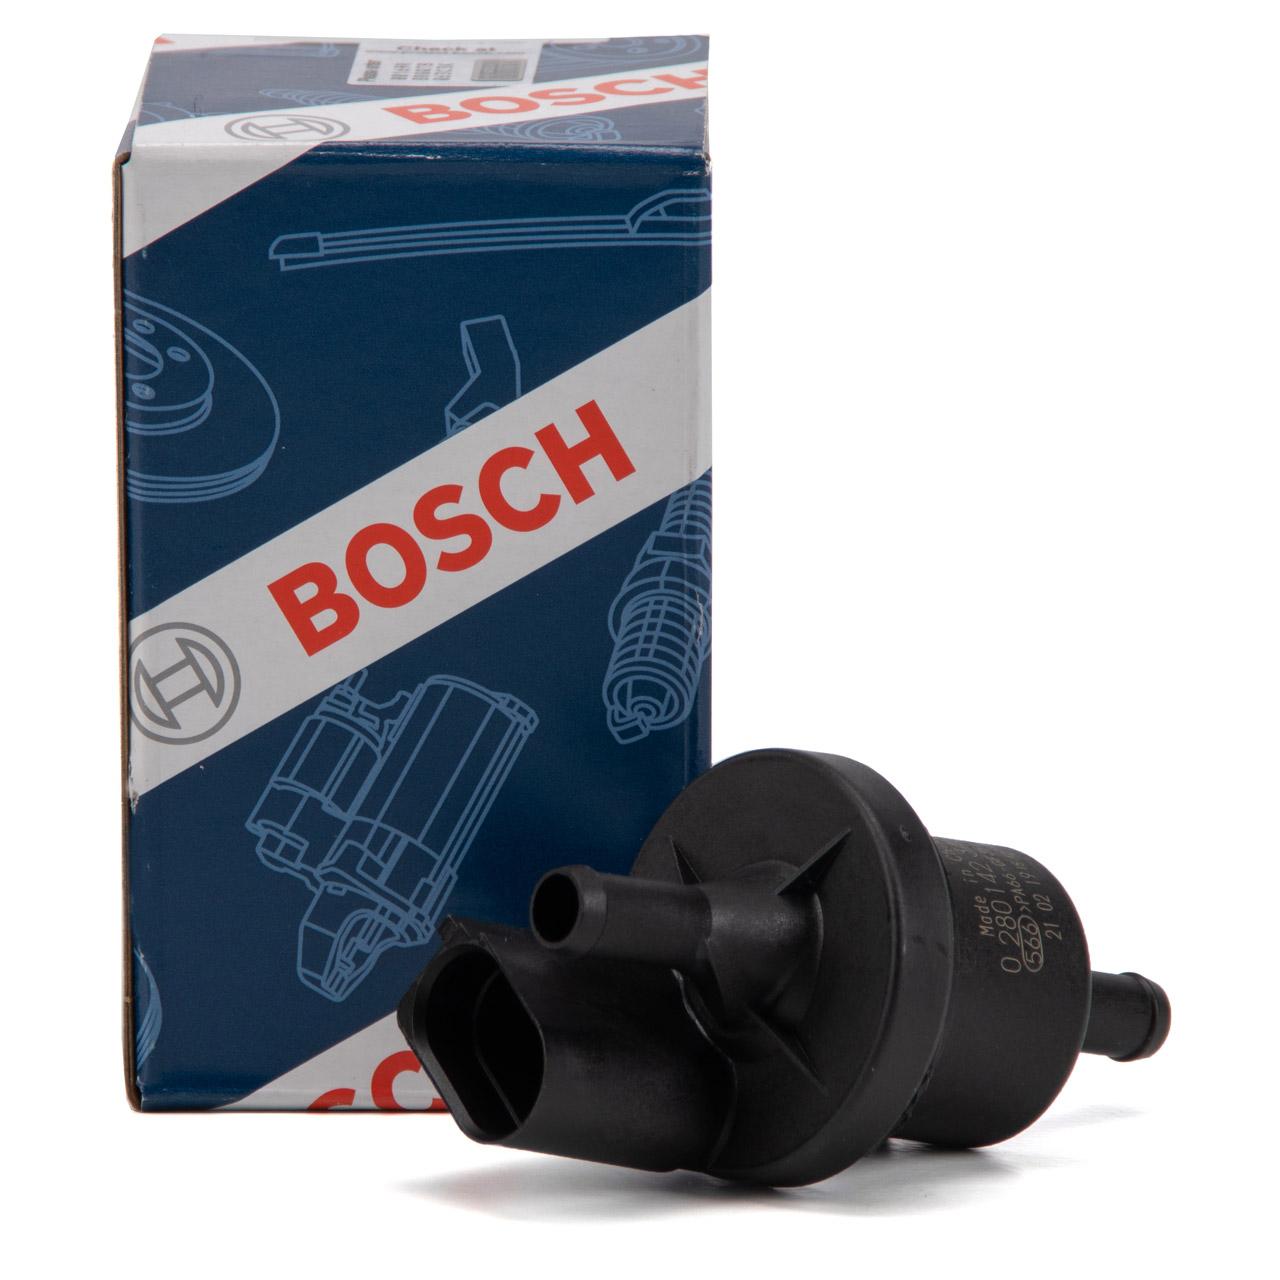 BOSCH 0280142345 Entlüftungsventil Tankentlüftungsventil VW Golf 5 6 Caddy 3 Polo 1.2 1.4